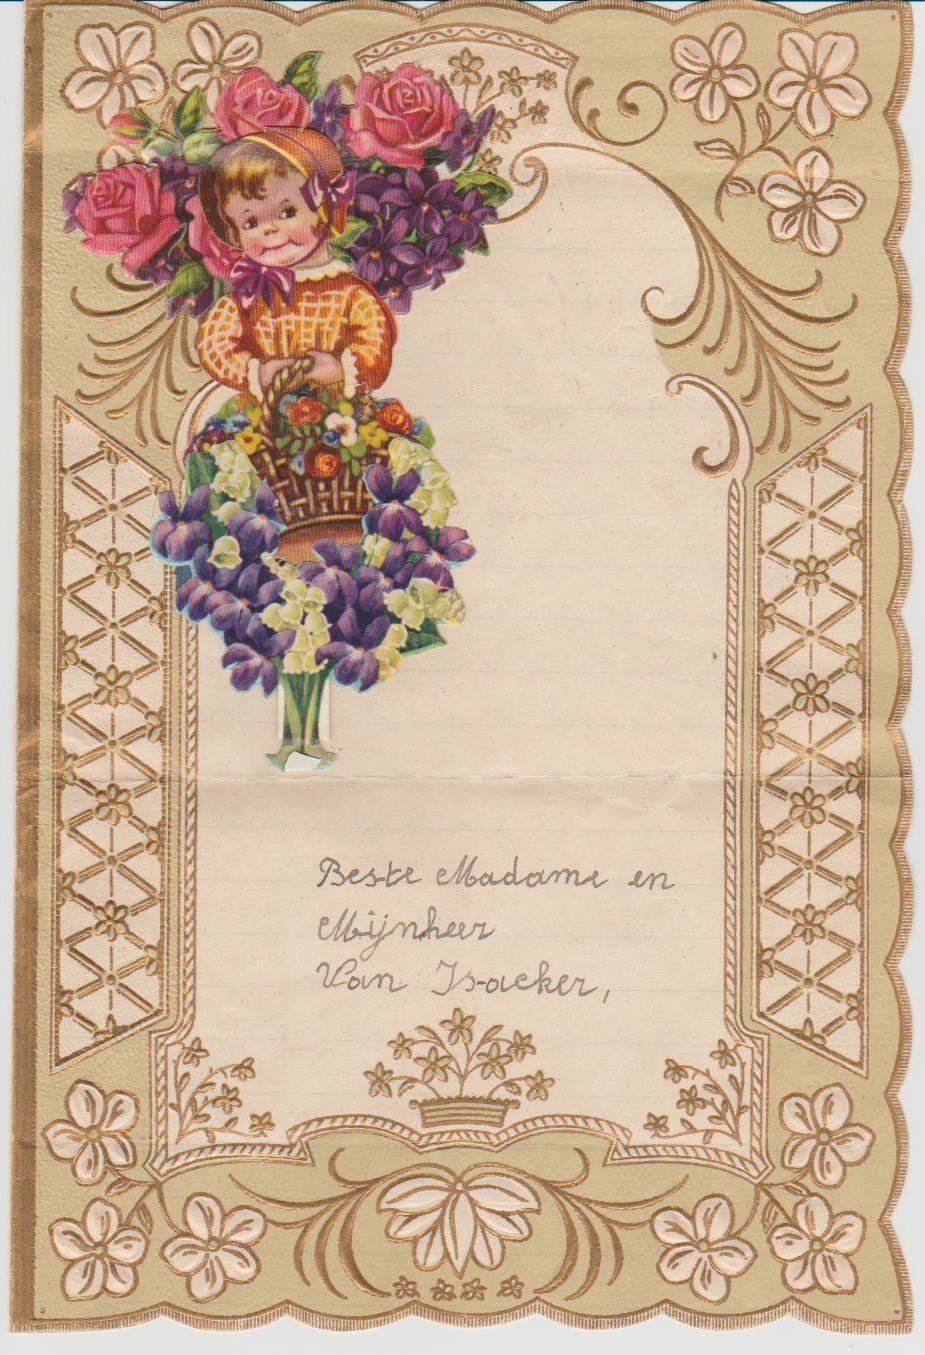 Sint katelijne waver blogt nieuwjaarsbrieven oude en de for Leuke versiering